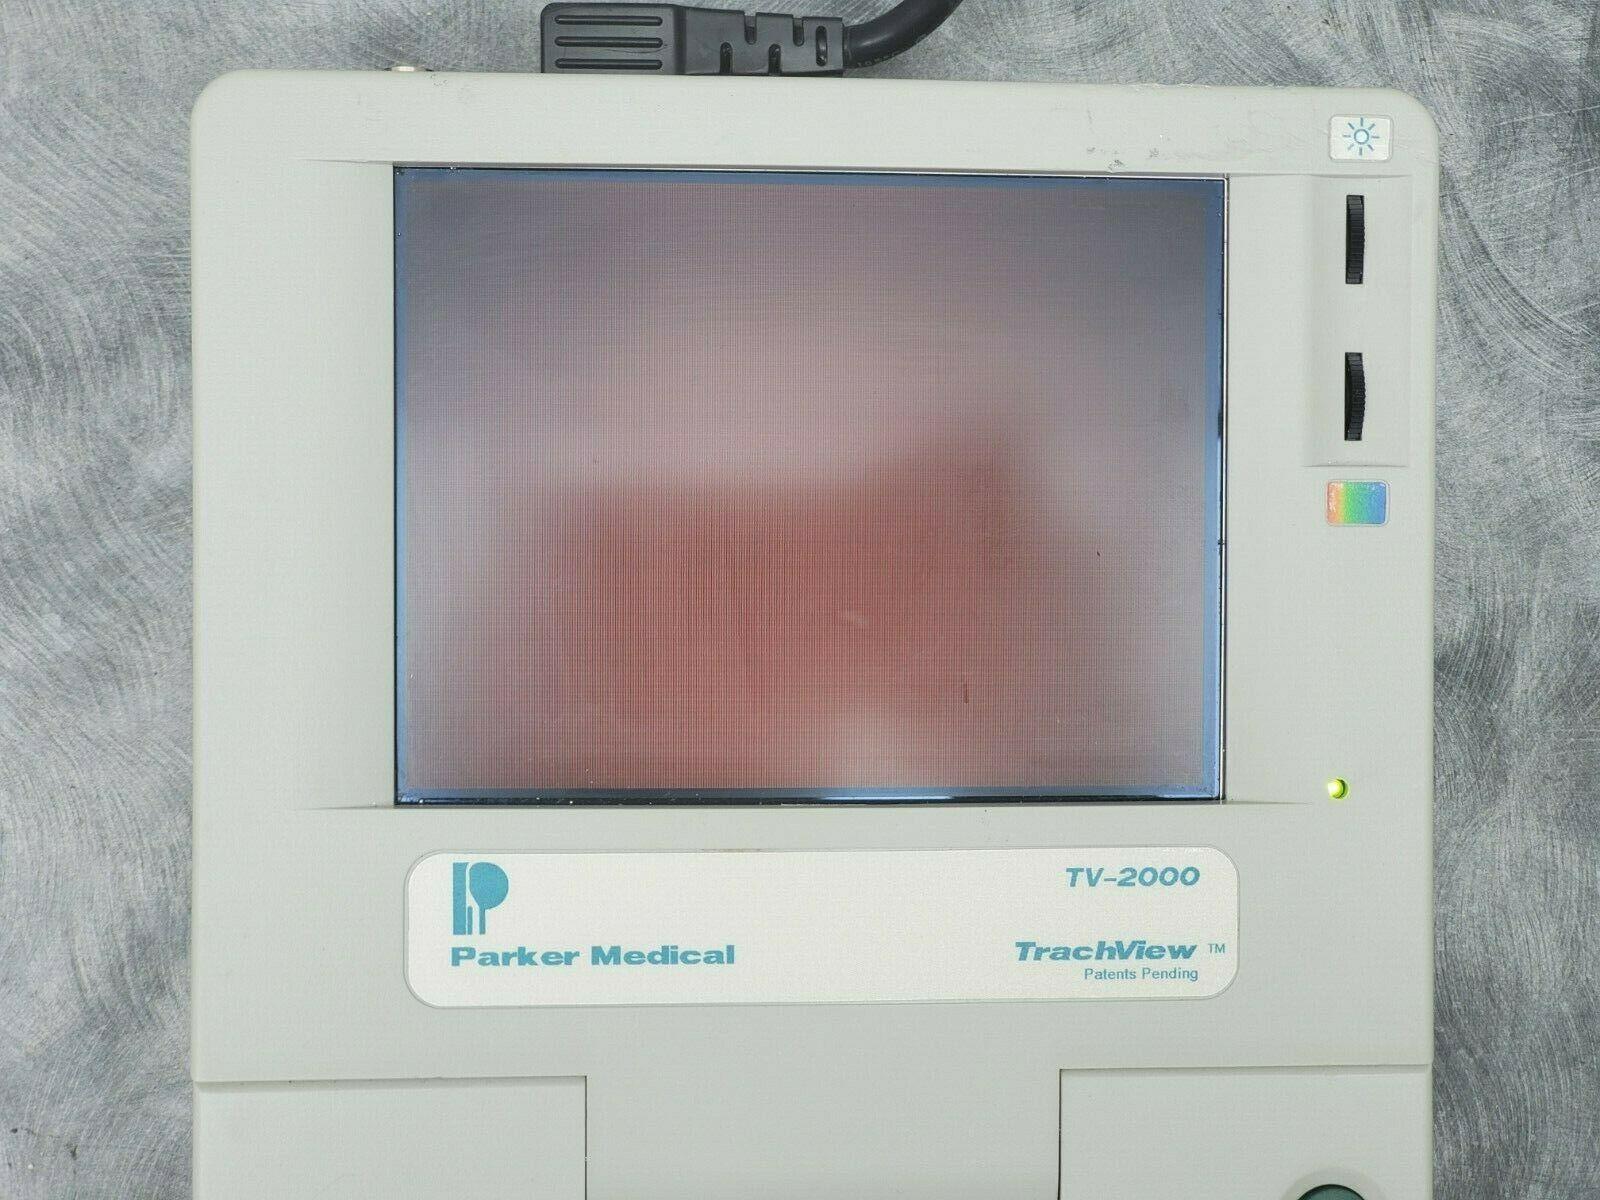 Parker Medical TrachView TV-2000 Intubating Videos